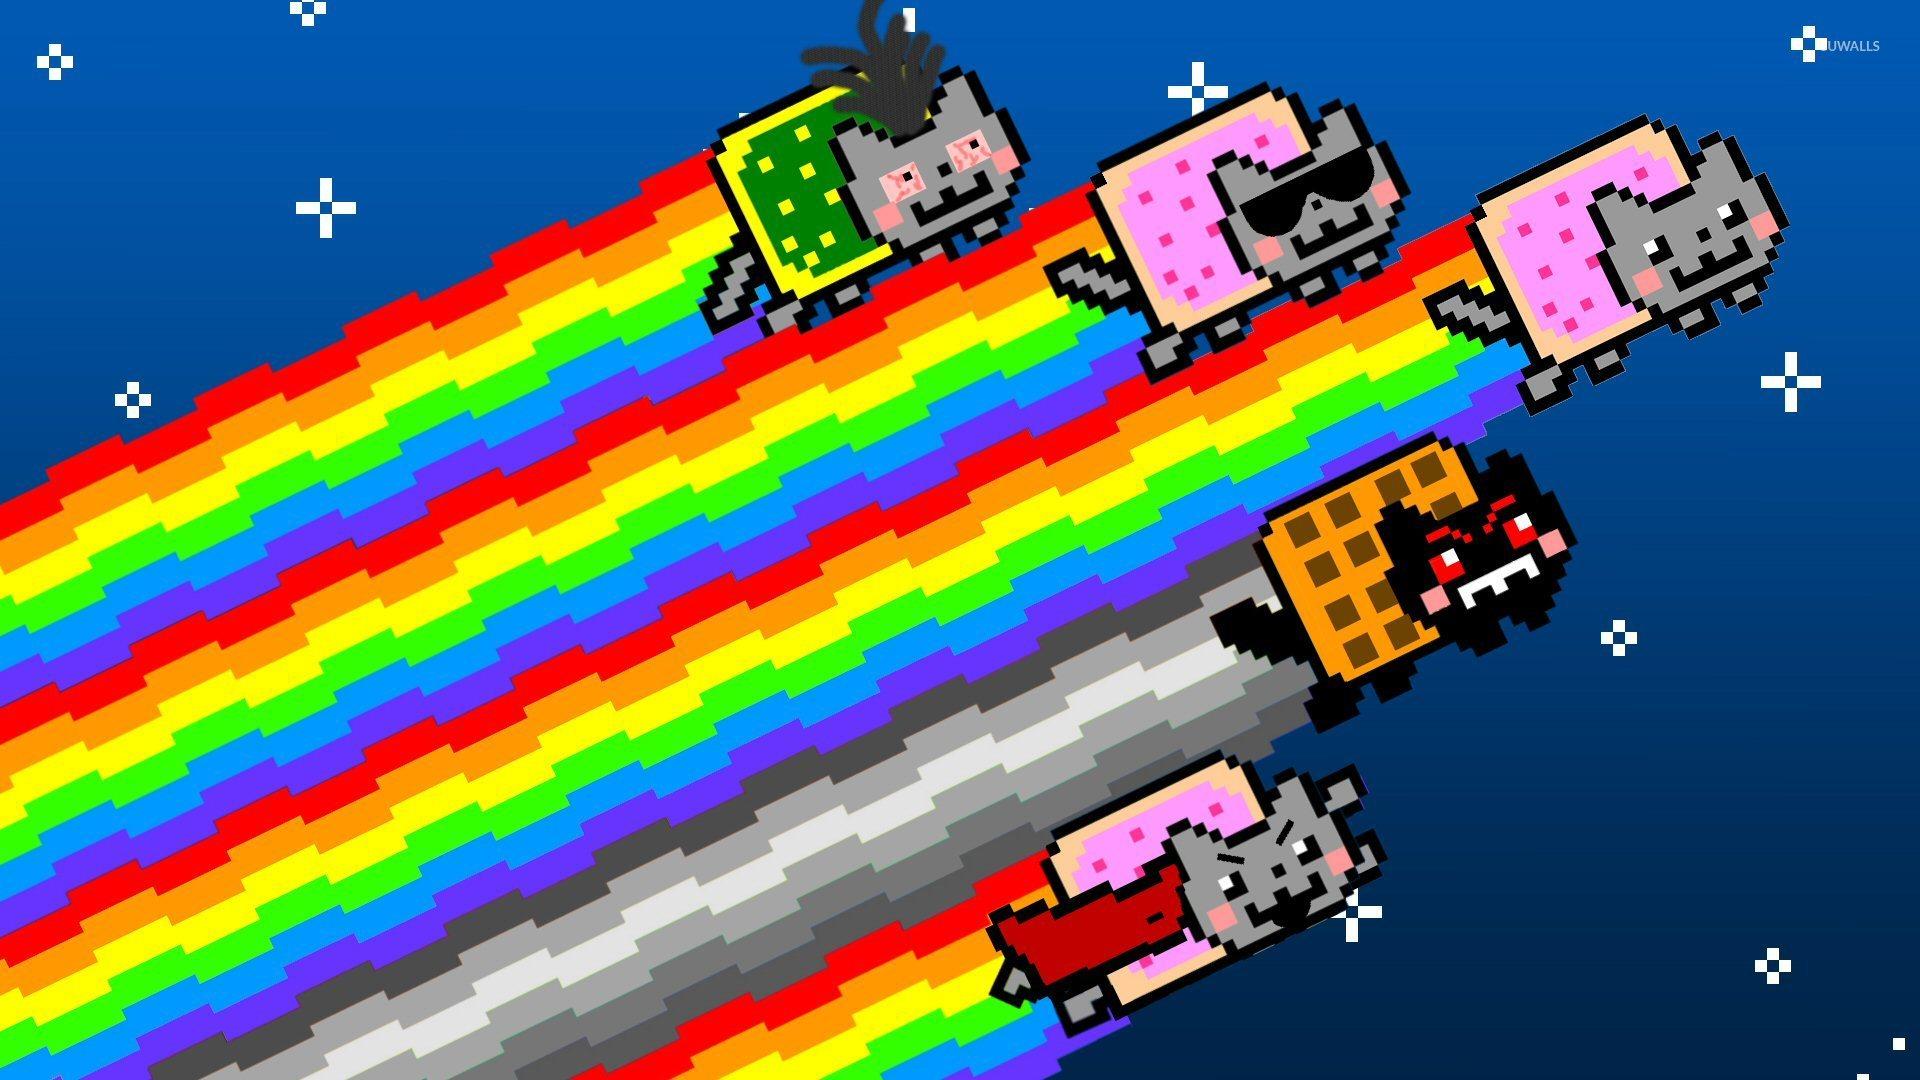 Nyan Cat #10